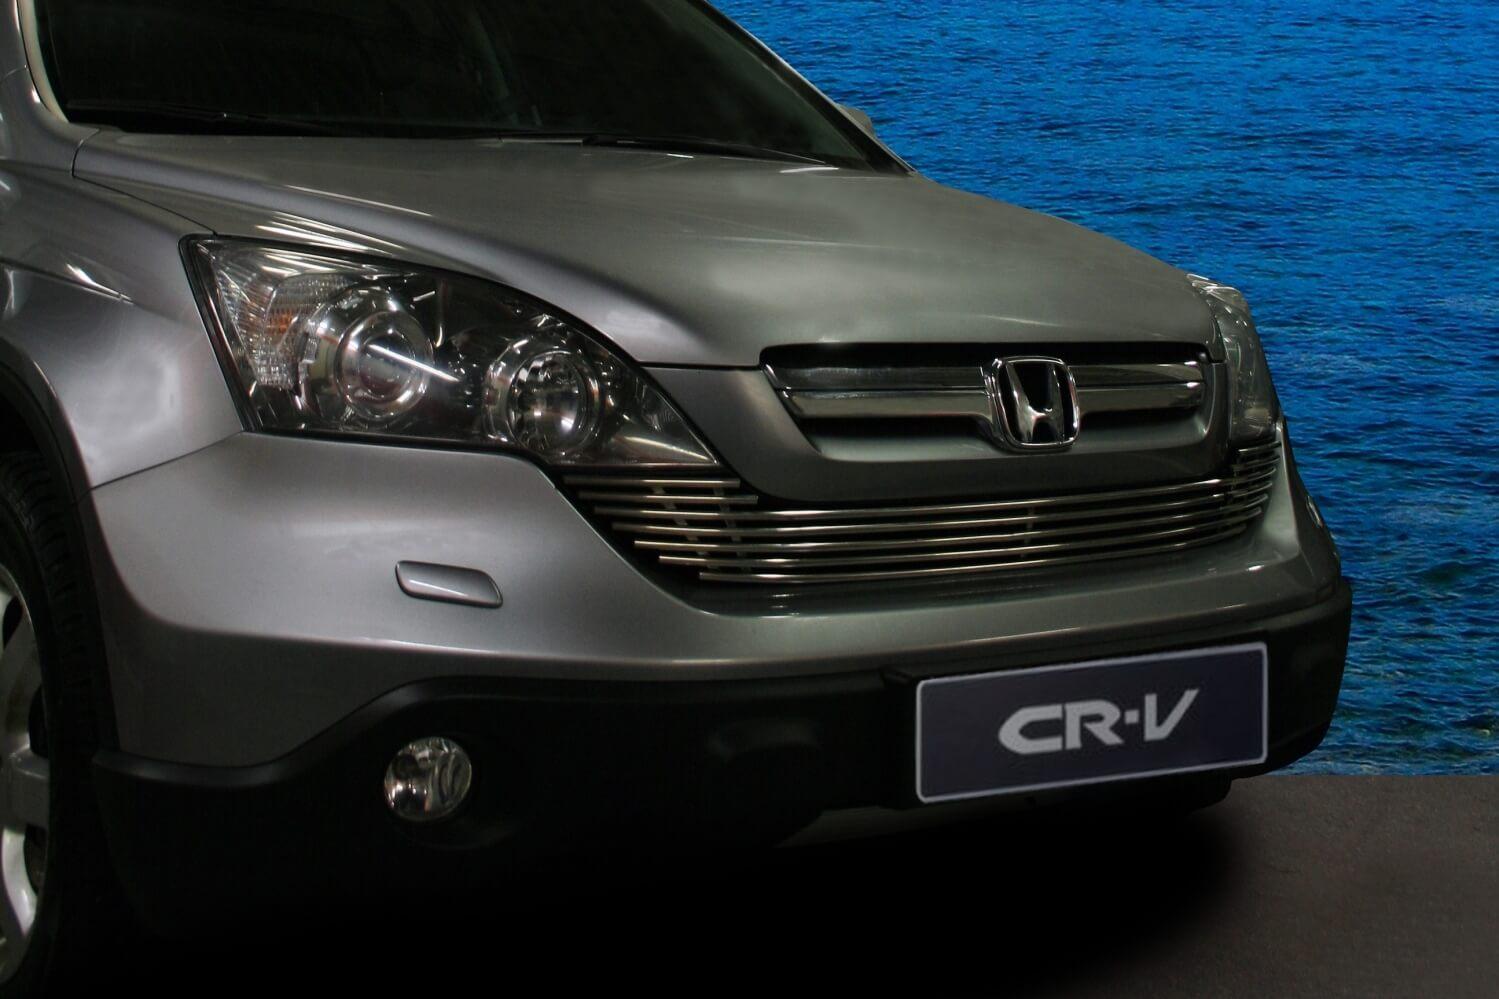 """Декоративный элемент решётки радиатора d10 (1 элемент из 7 трубочек) """"Honda CR-V"""" 2007- хром, HCRV.92.2134"""